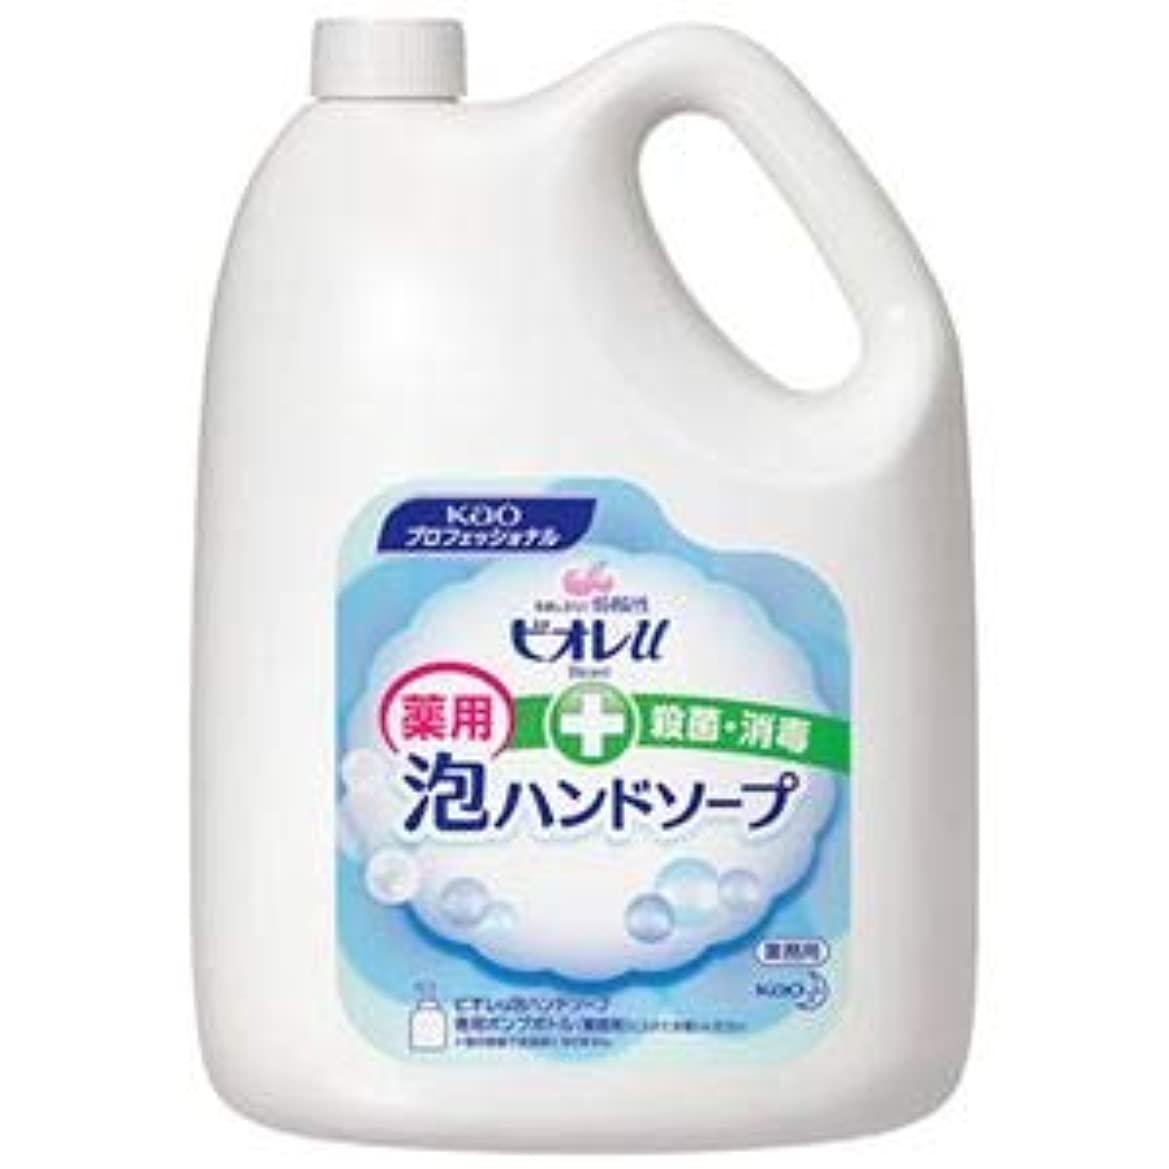 概要シーンウィスキー(まとめ) 花王 ビオレU 泡ハンドソープ 業務用 4L【×3セット】